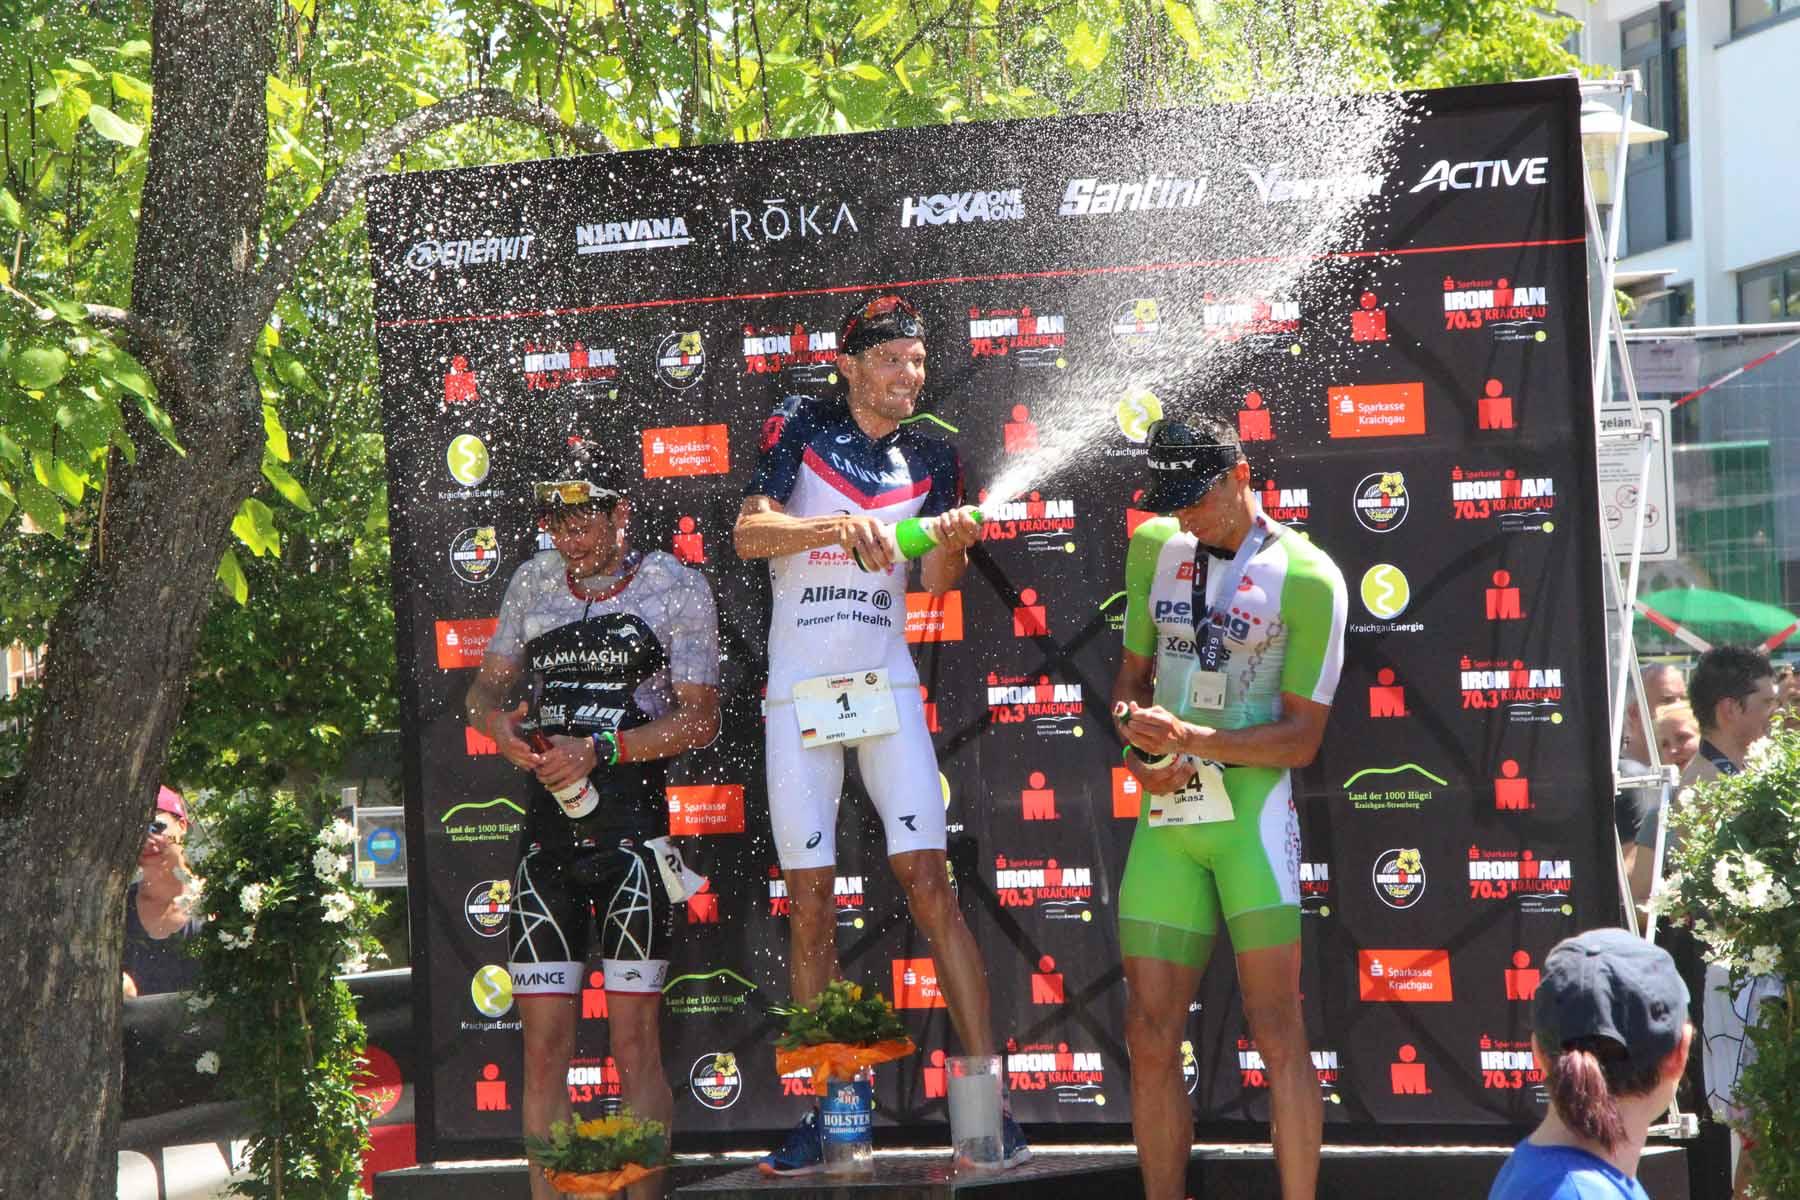 Ironman 2019 die Top 3 der Männer: Jan Frodeno, Patrick Dirksmeier und Lukasz Wojet